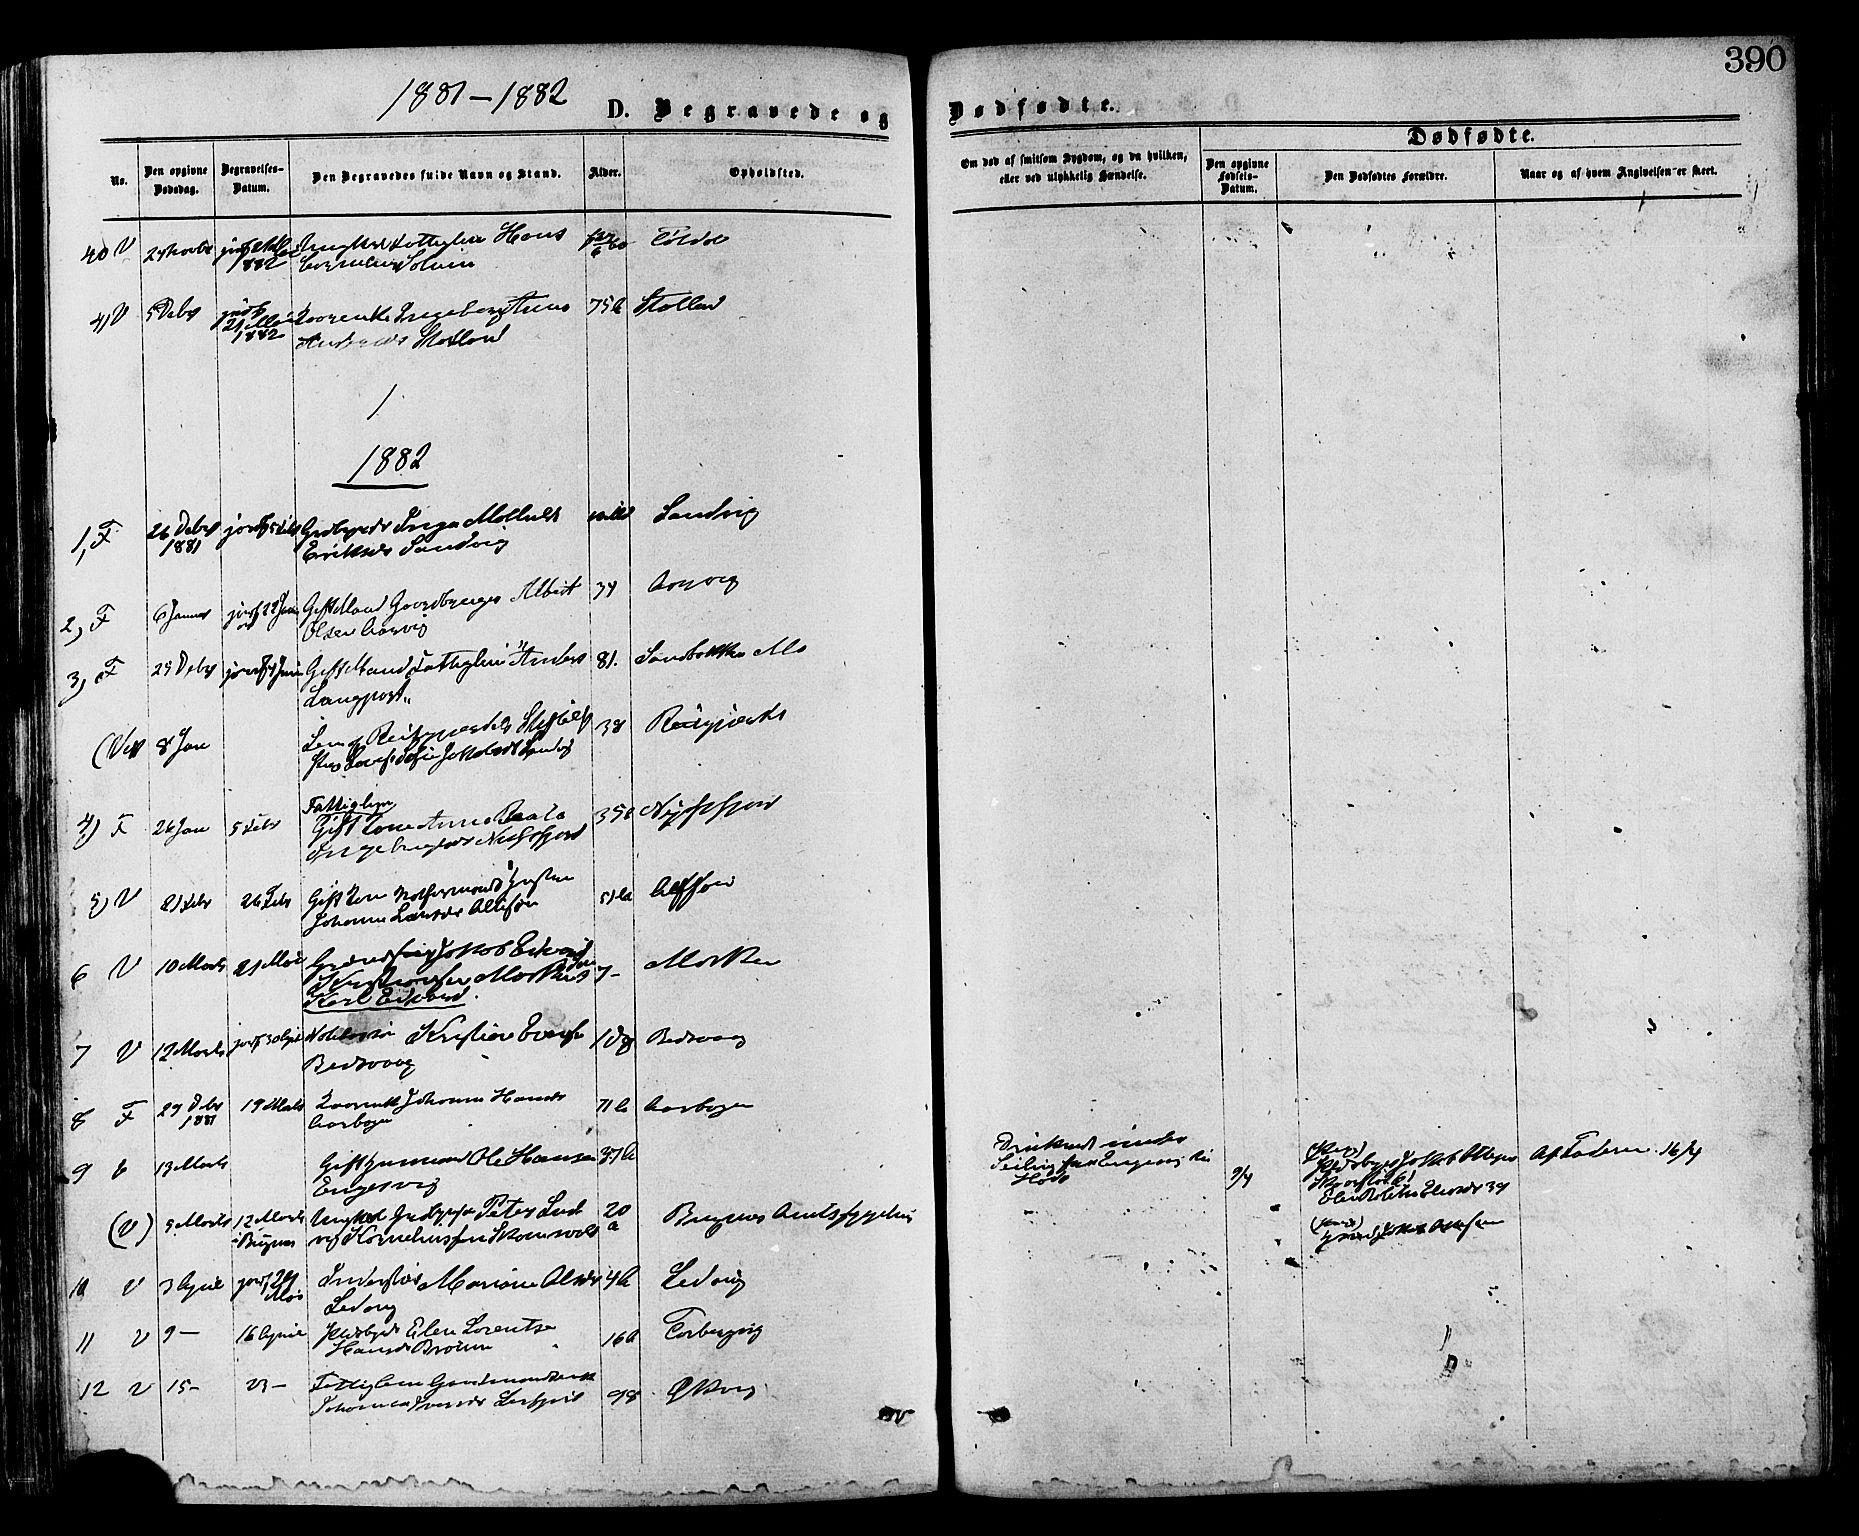 SAT, Ministerialprotokoller, klokkerbøker og fødselsregistre - Nord-Trøndelag, 773/L0616: Ministerialbok nr. 773A07, 1870-1887, s. 390